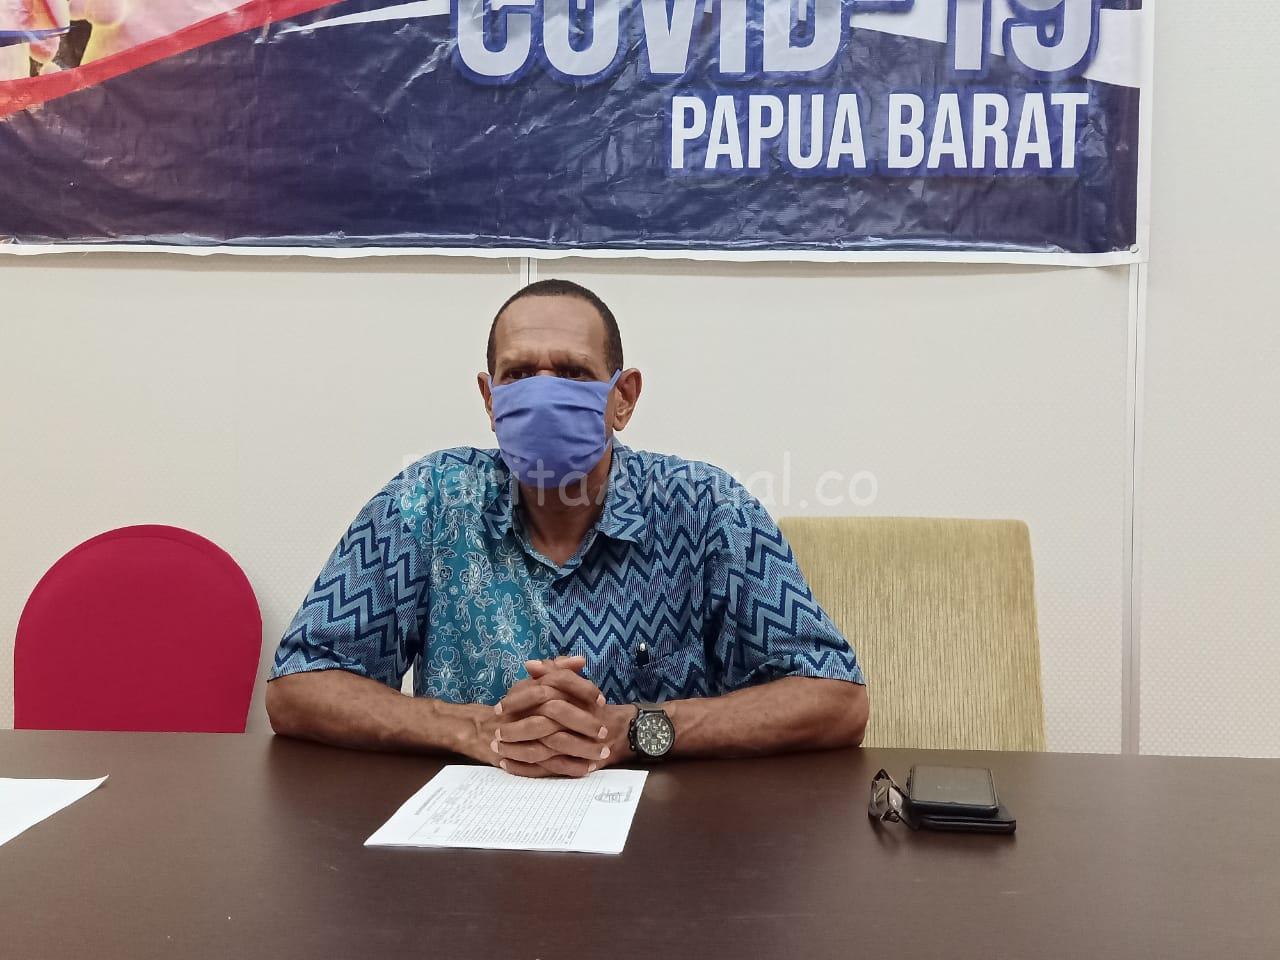 Update Terbaru, Tambah 5 Pasien Positif Covid-19 Total di Papua Barat 13 Orang 1 IMG 20200423 WA0076